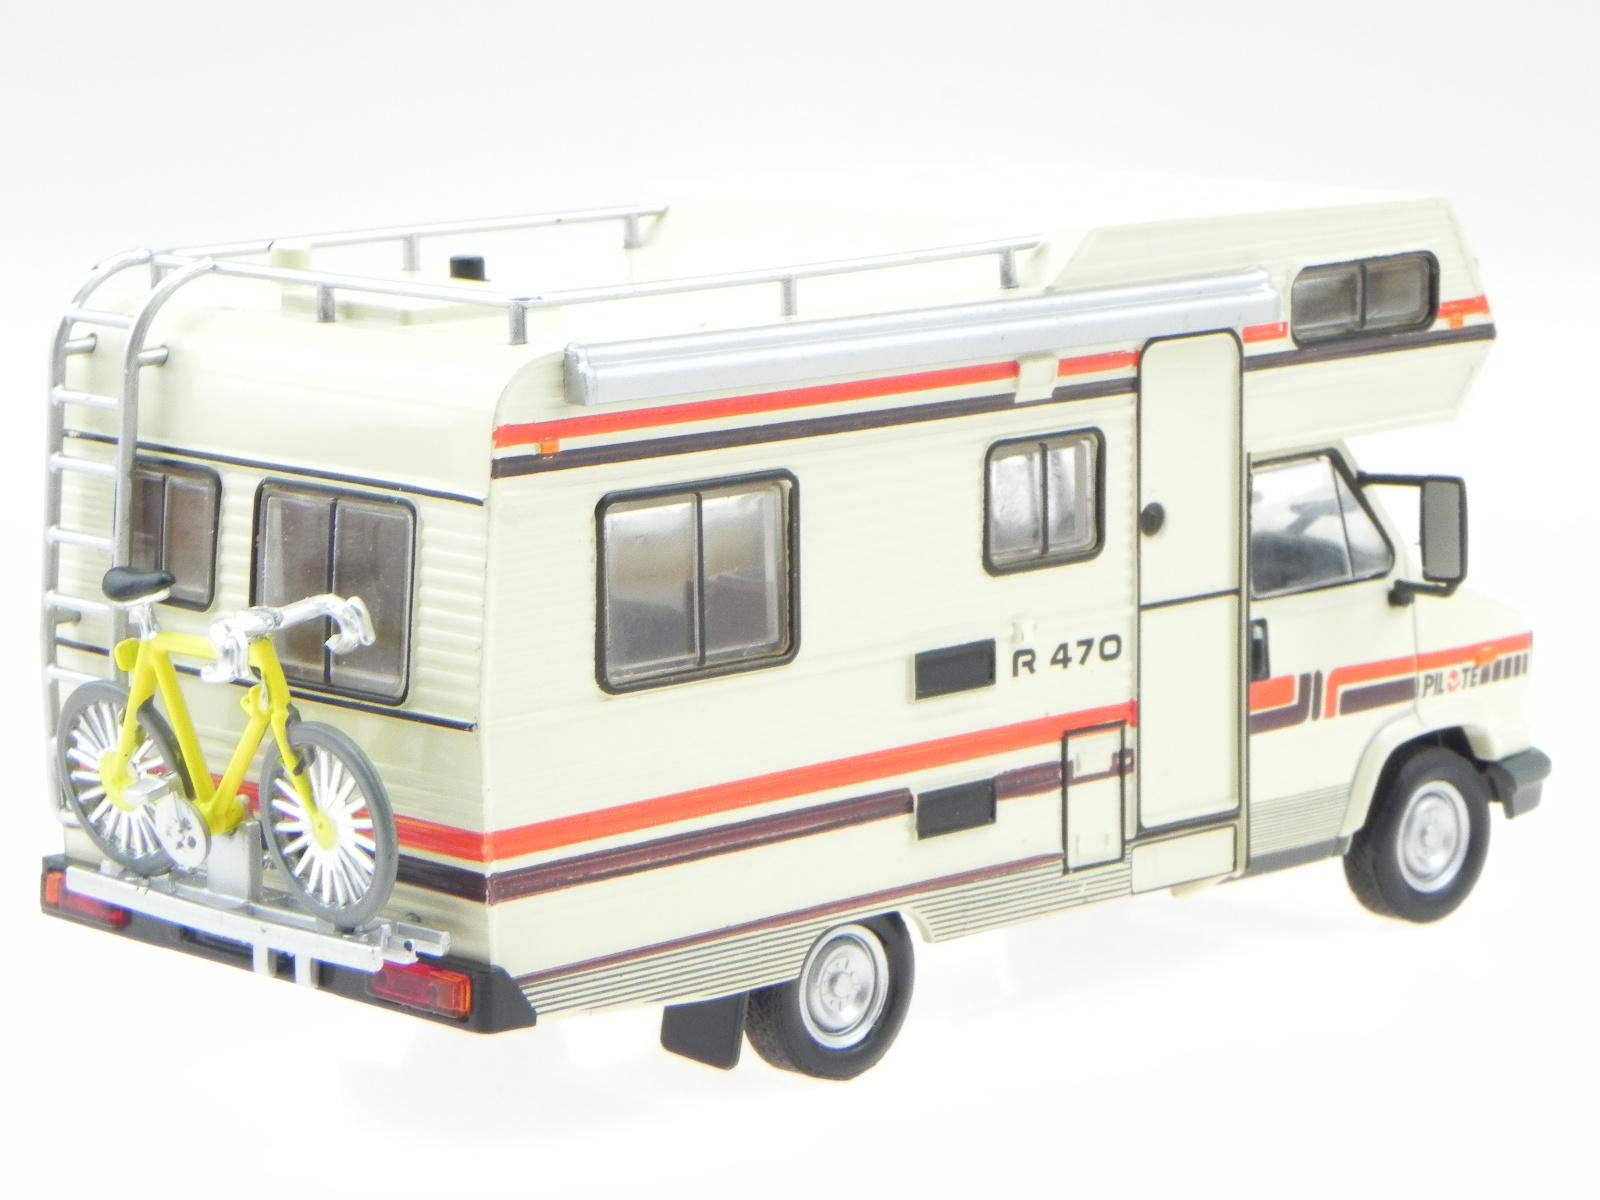 fiat ducato pilote r470 1984 camper wohnmobil modellauto. Black Bedroom Furniture Sets. Home Design Ideas